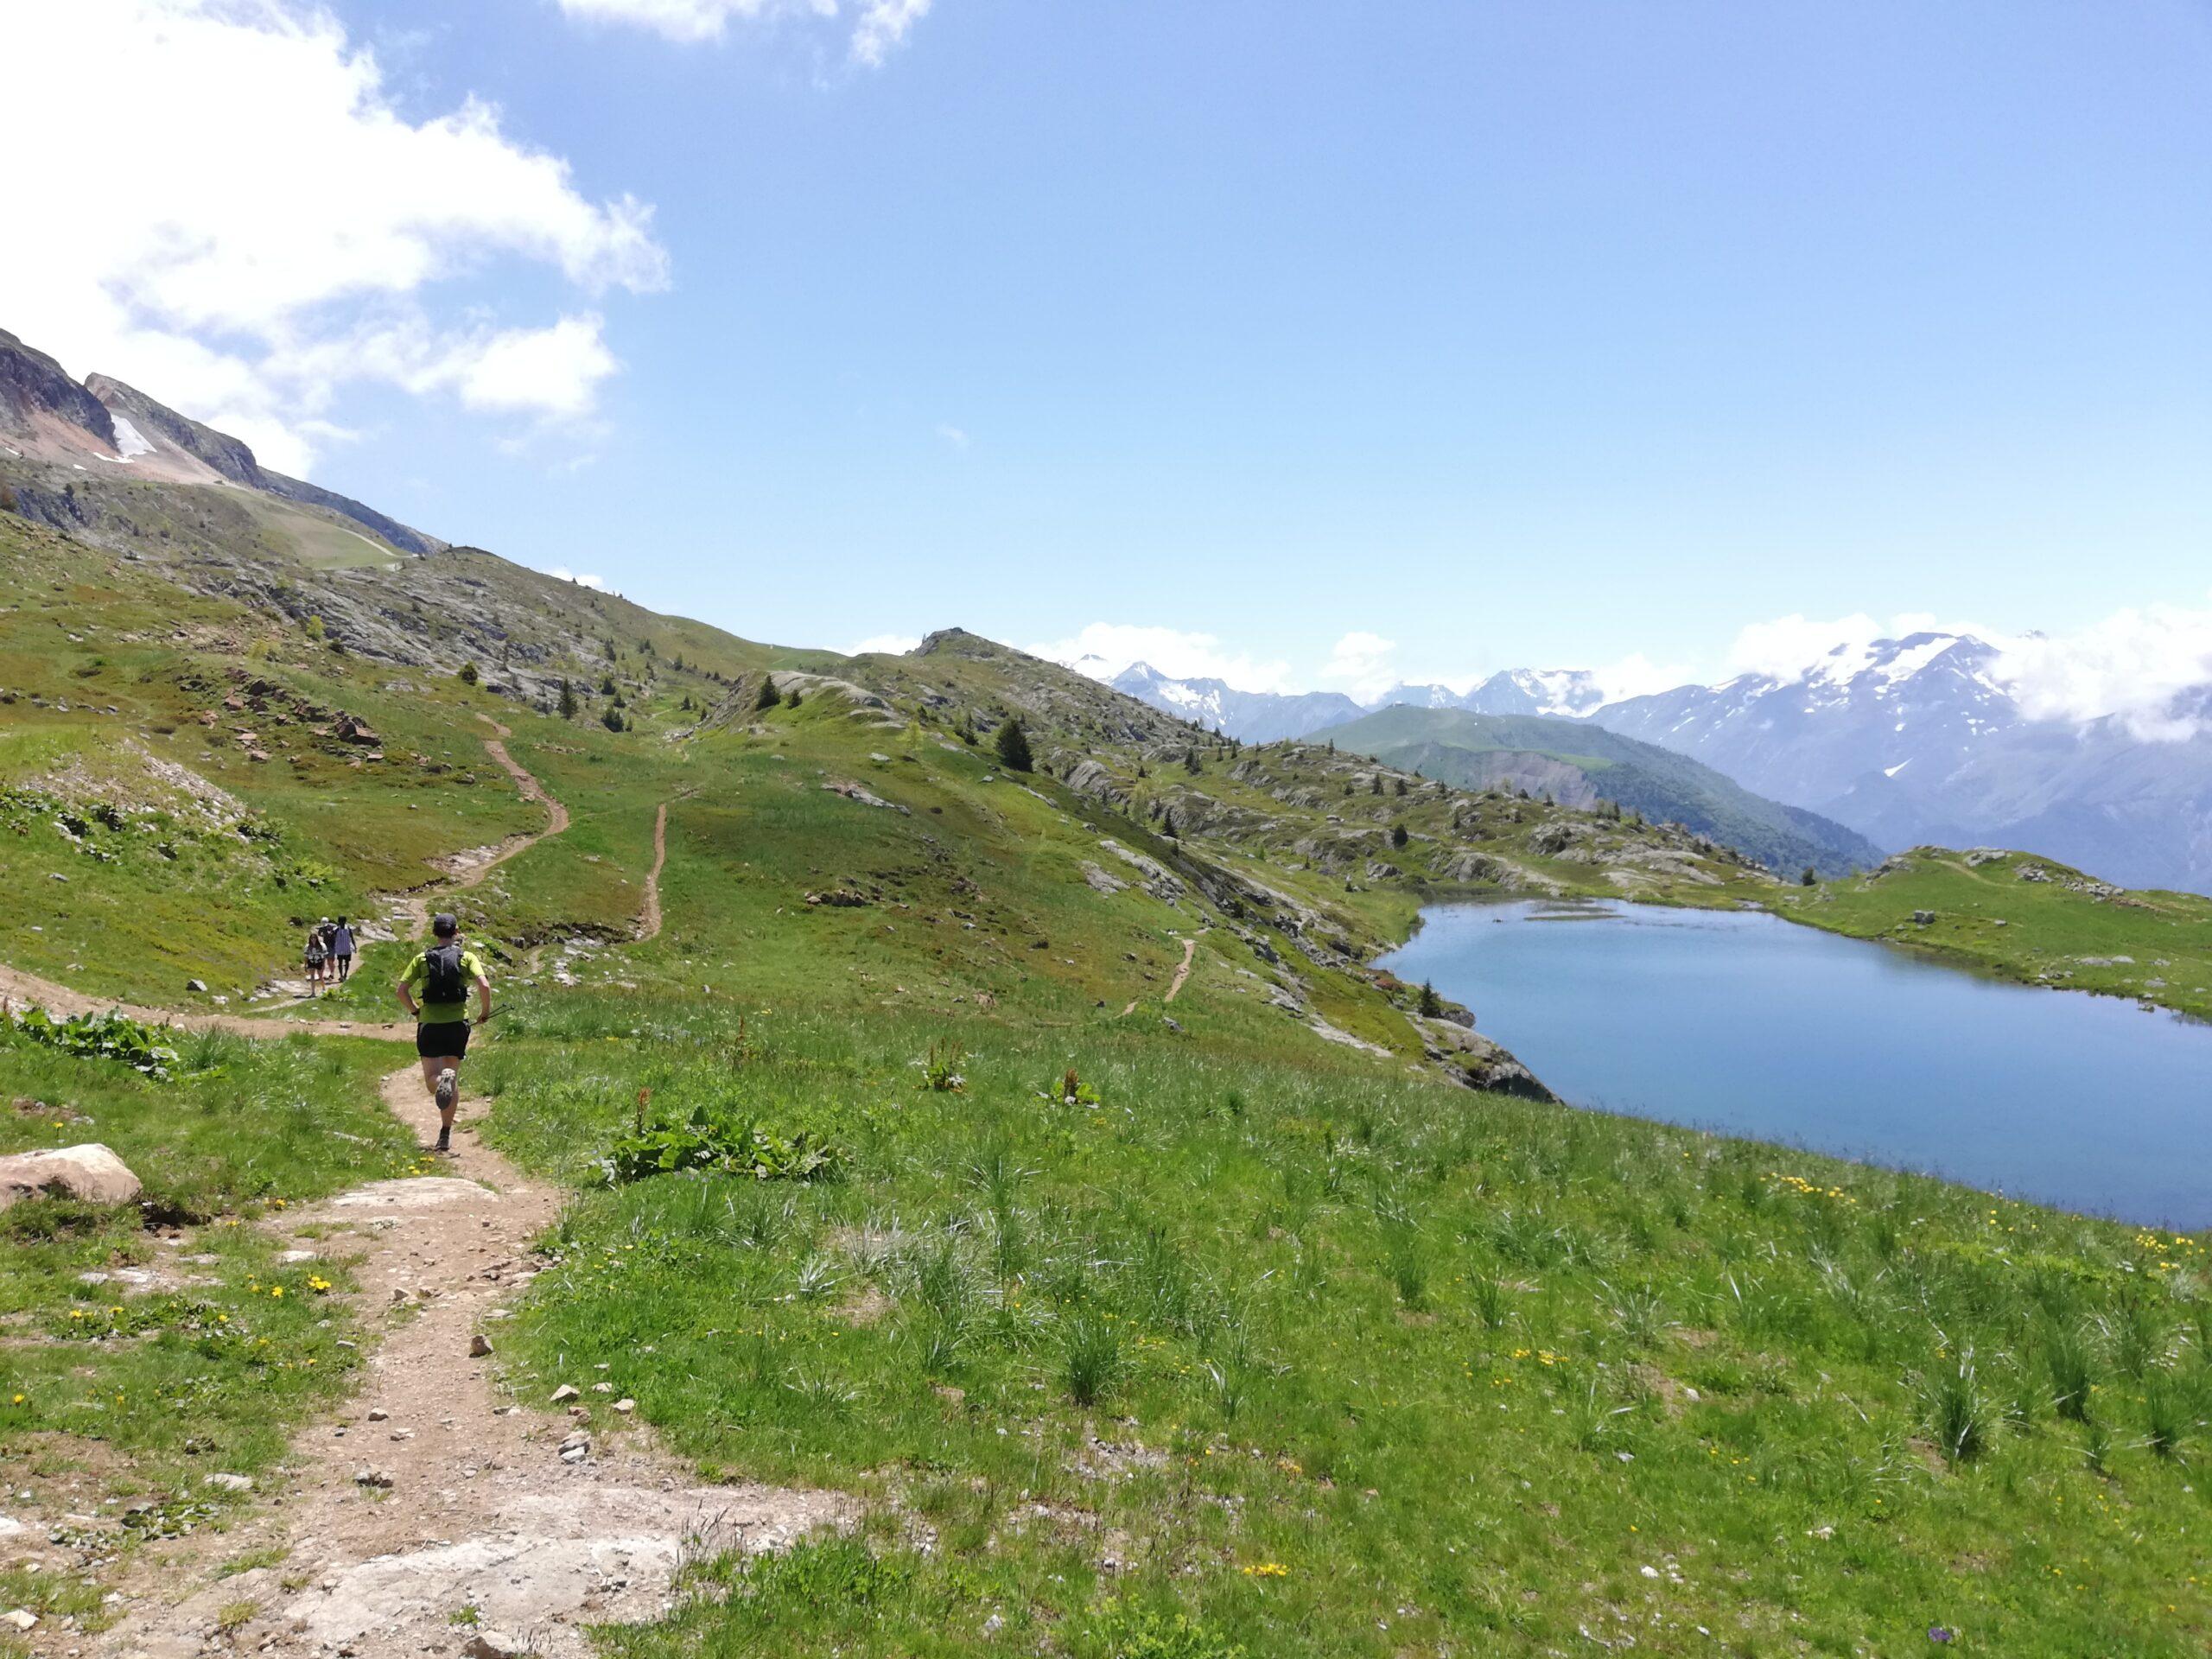 Traileur sur les sentiers de l'Oisans, au-dessus de l'Alpe d'Huez, été 2020